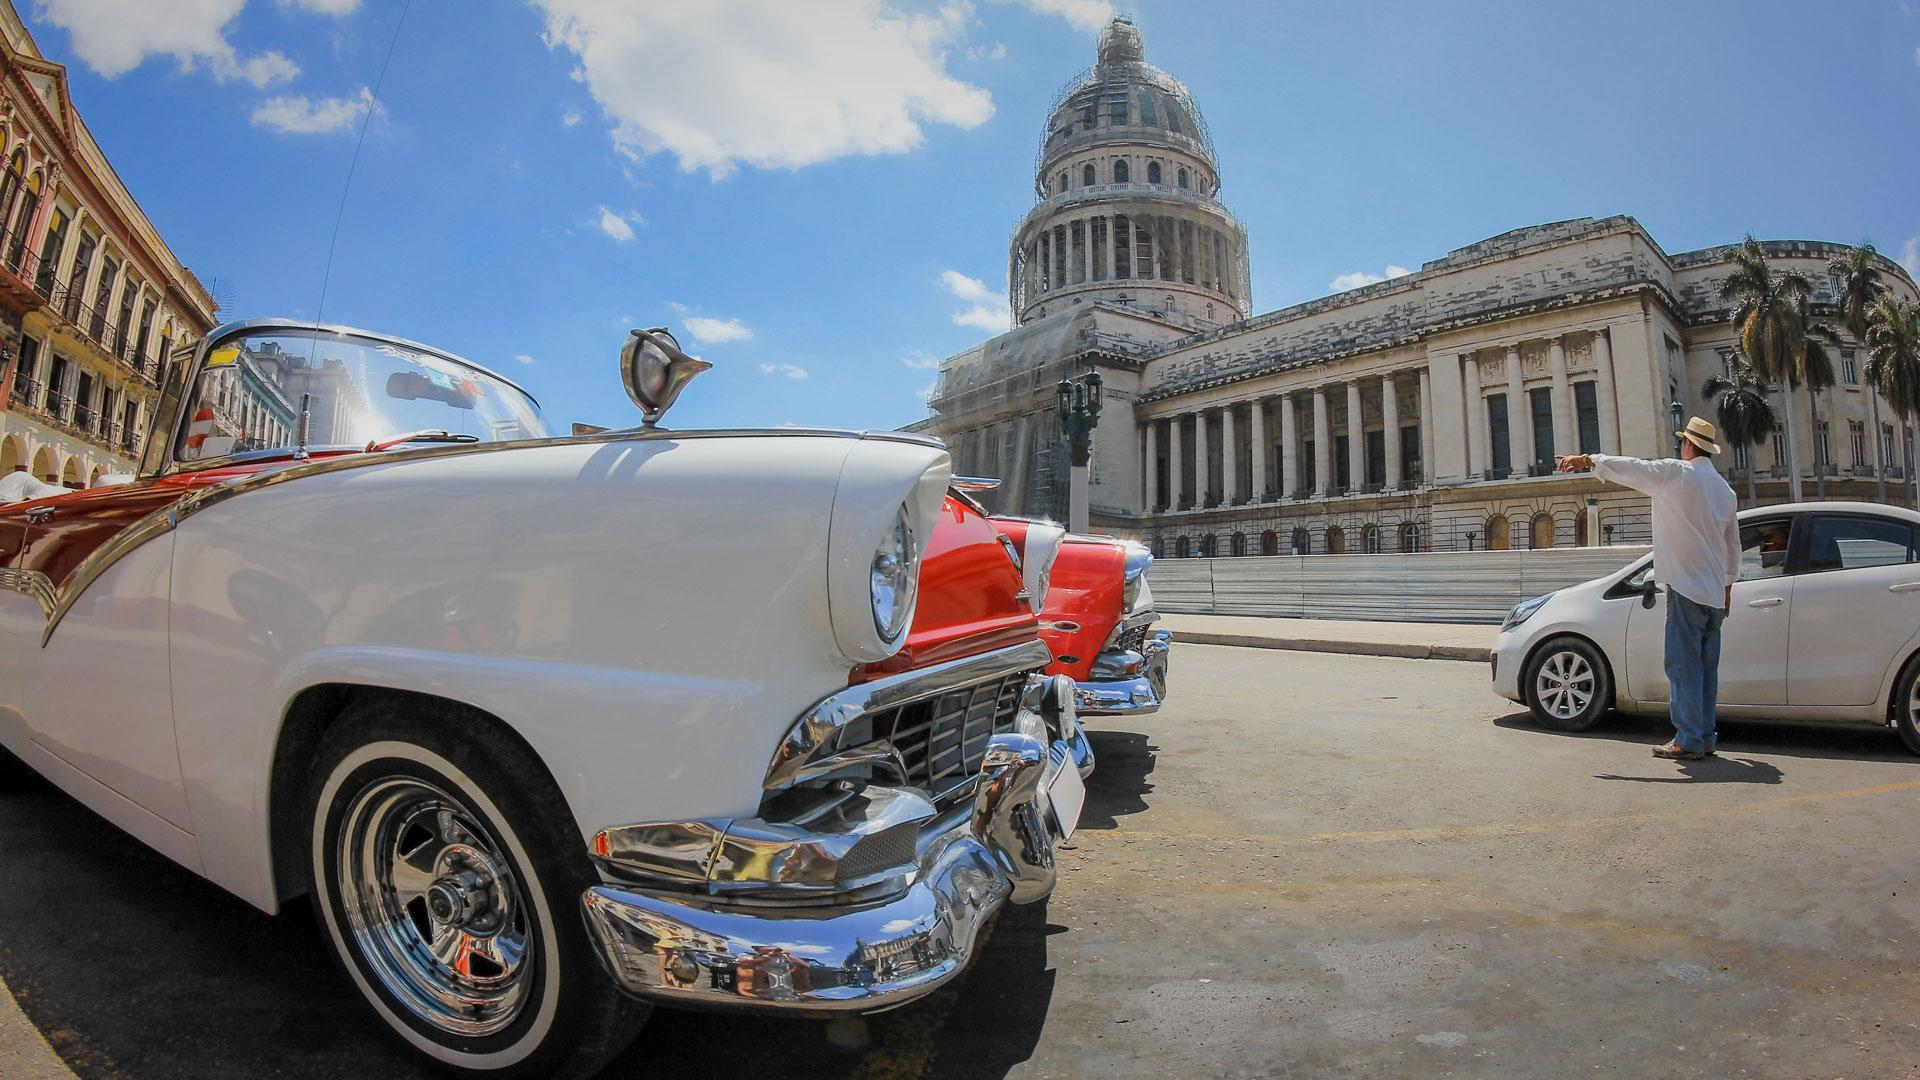 Ofertas De Viajes A Cuba 2018 Y 2019 Ofertas 2x1 Viajes